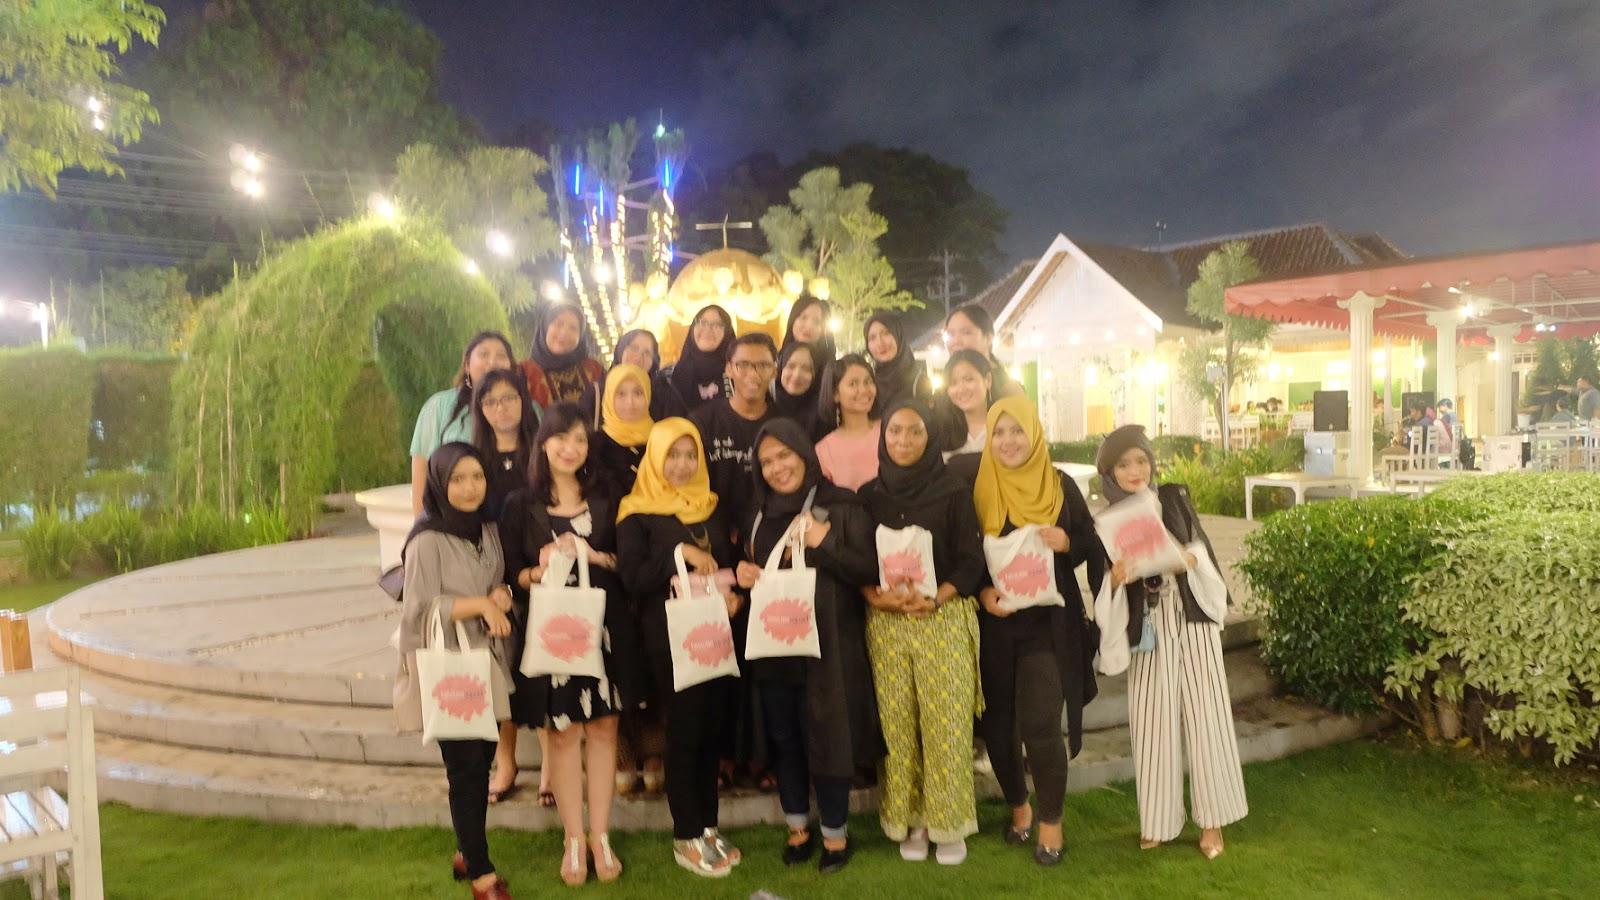 Gala Dinner Di Secret Garden Jogja Eventreport Forever In Love